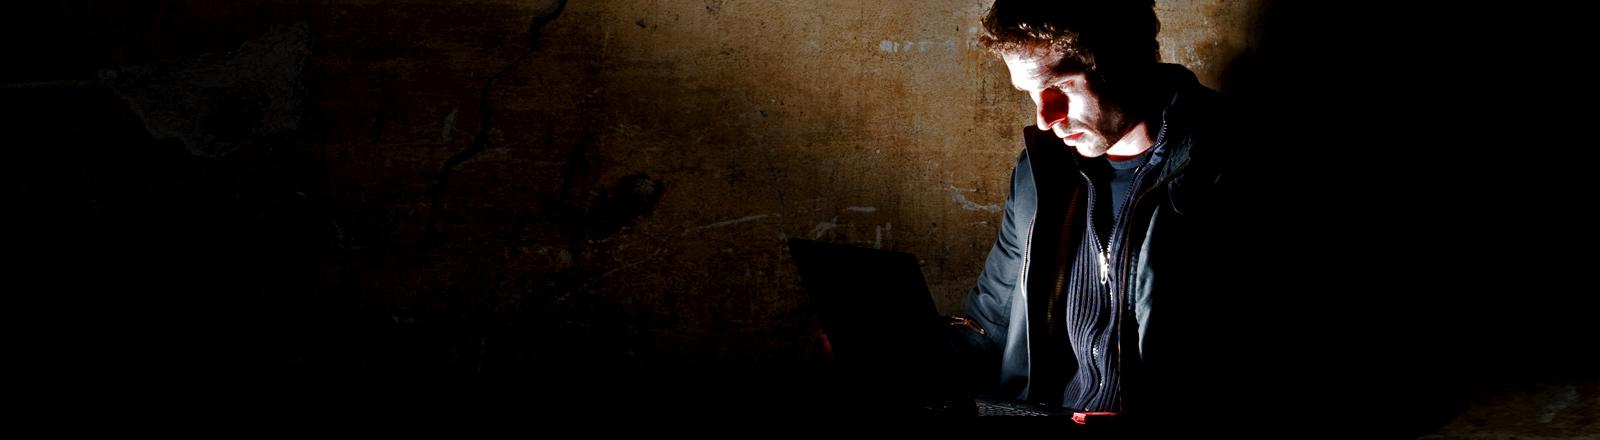 Ein Mann betrachtet im Dunkeln den Bildschirm seines Notebooks